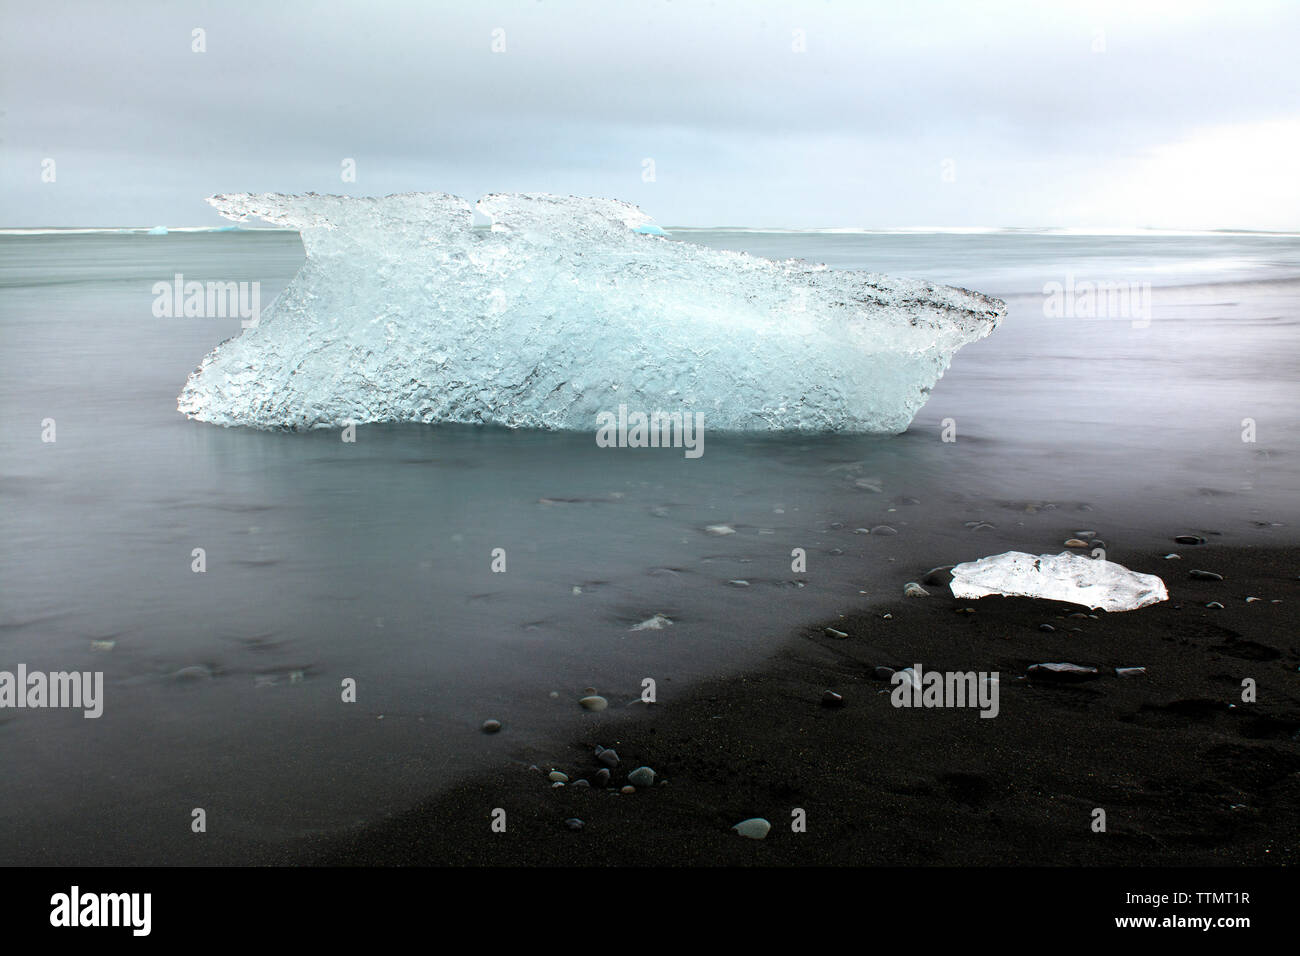 Berg de glace en mer contre ciel nuageux Photo Stock